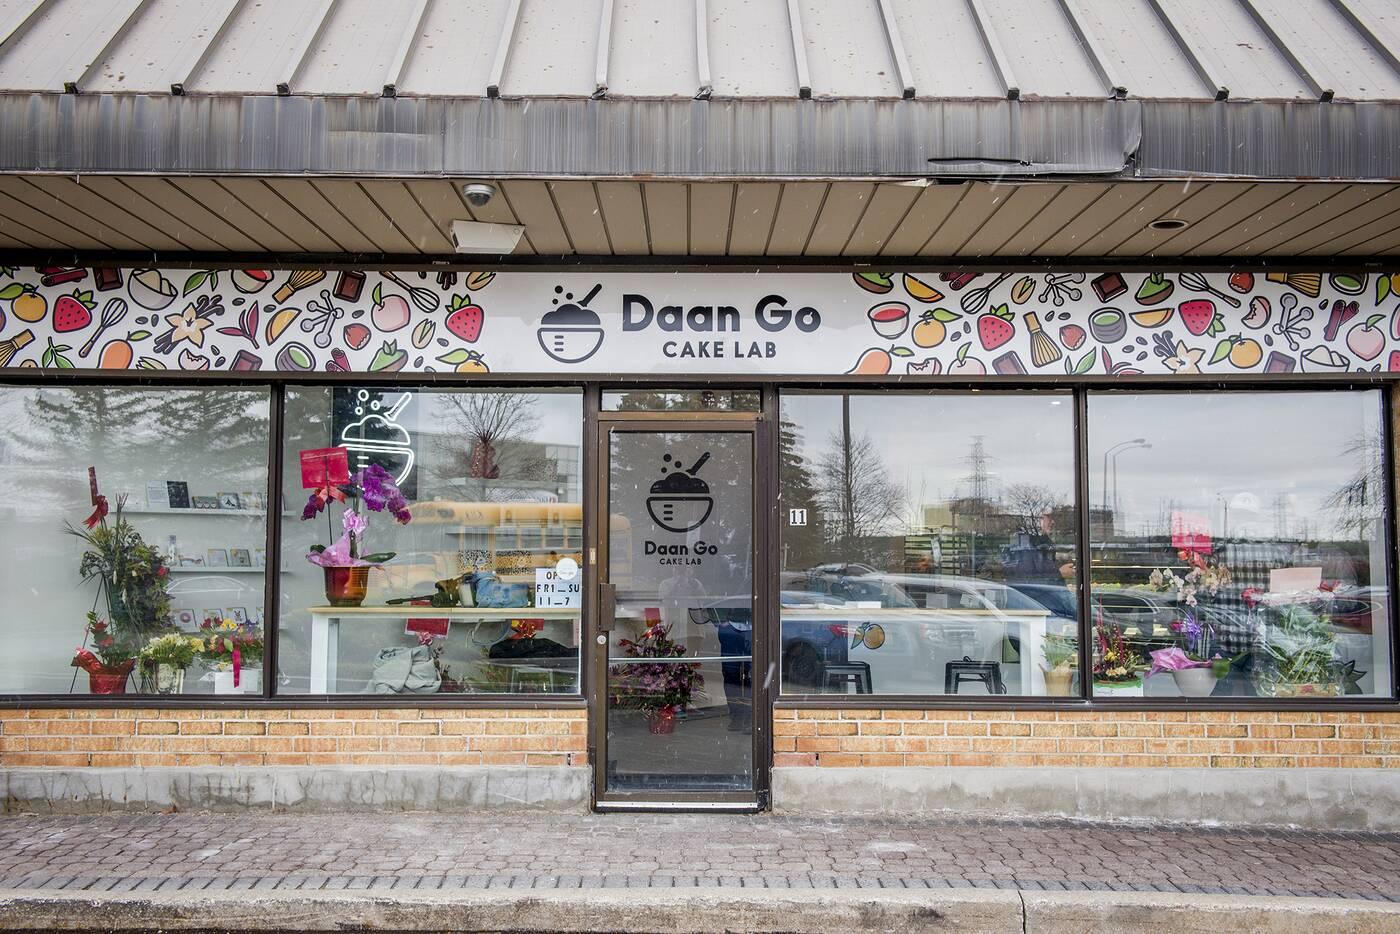 Daan Go Toronto